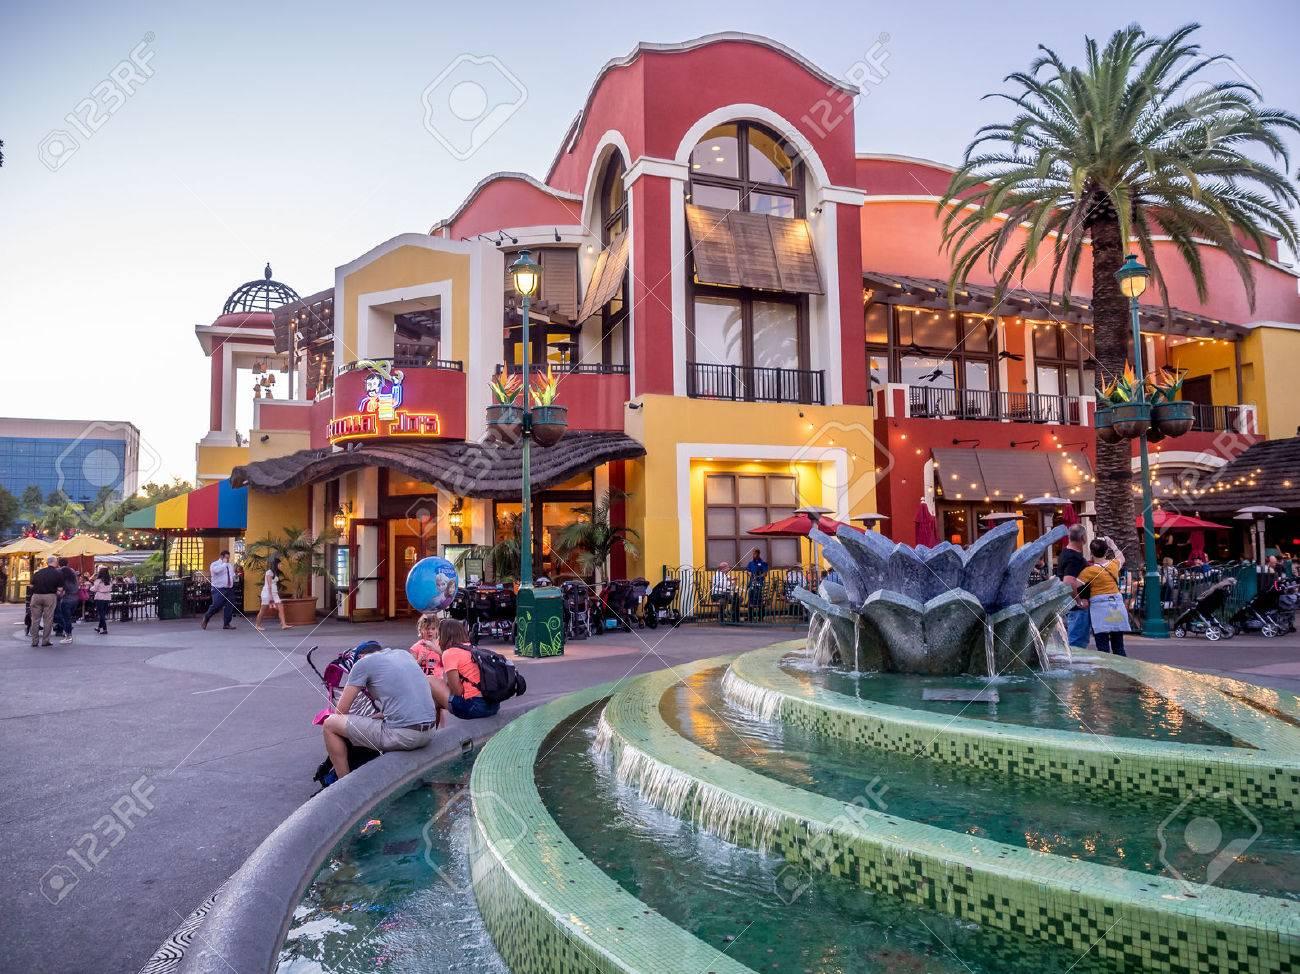 ダウンタウン アナハイム カリフォルニア夜ディズニーのショッピング